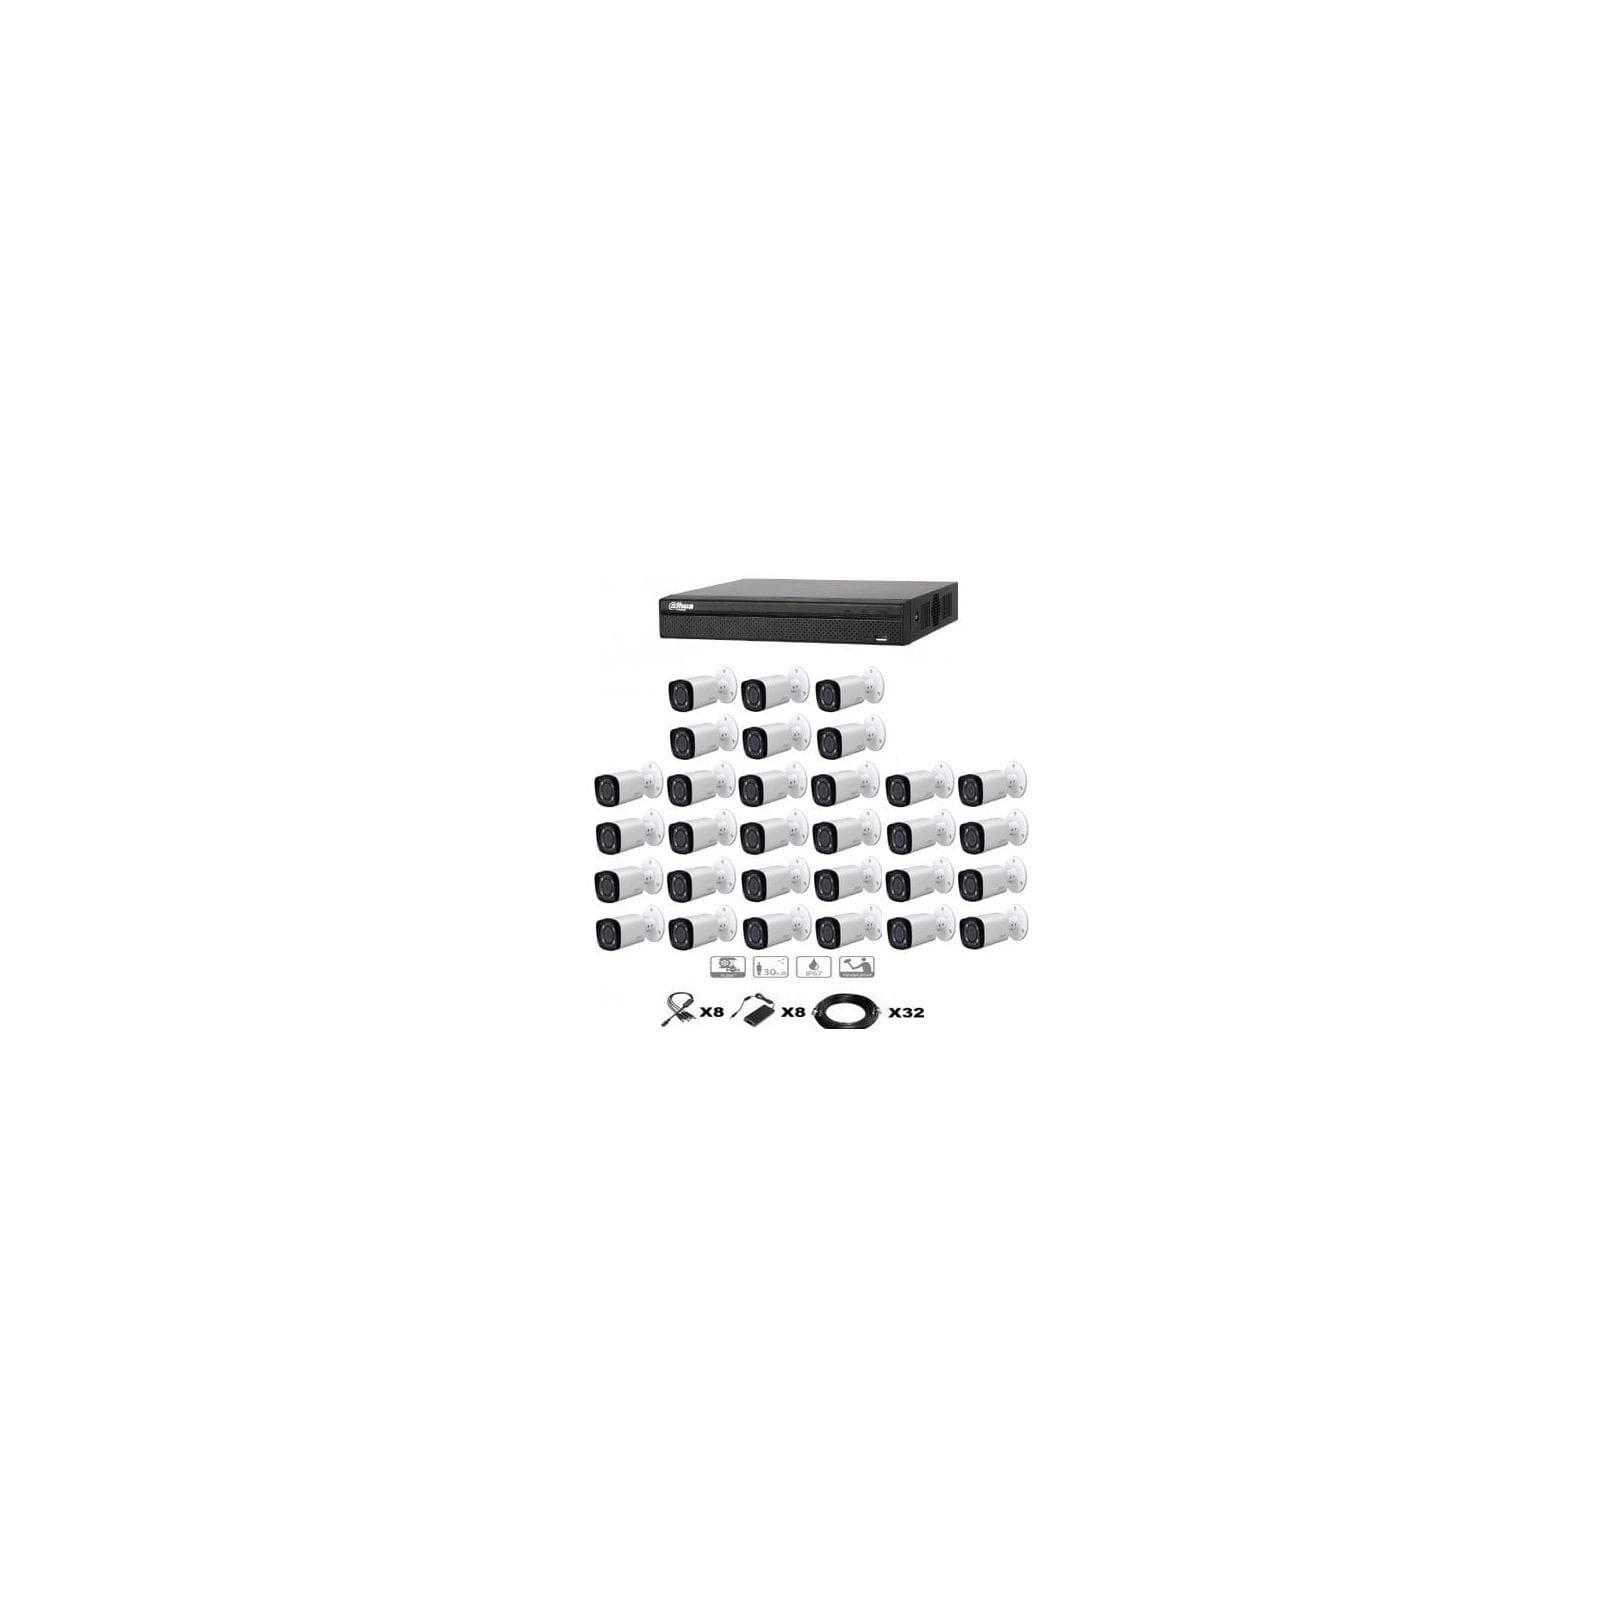 KIT VIDEO SURVEILLANCE DAHUA 32 CAMERAS TUBES HDCVI ZOOM X4